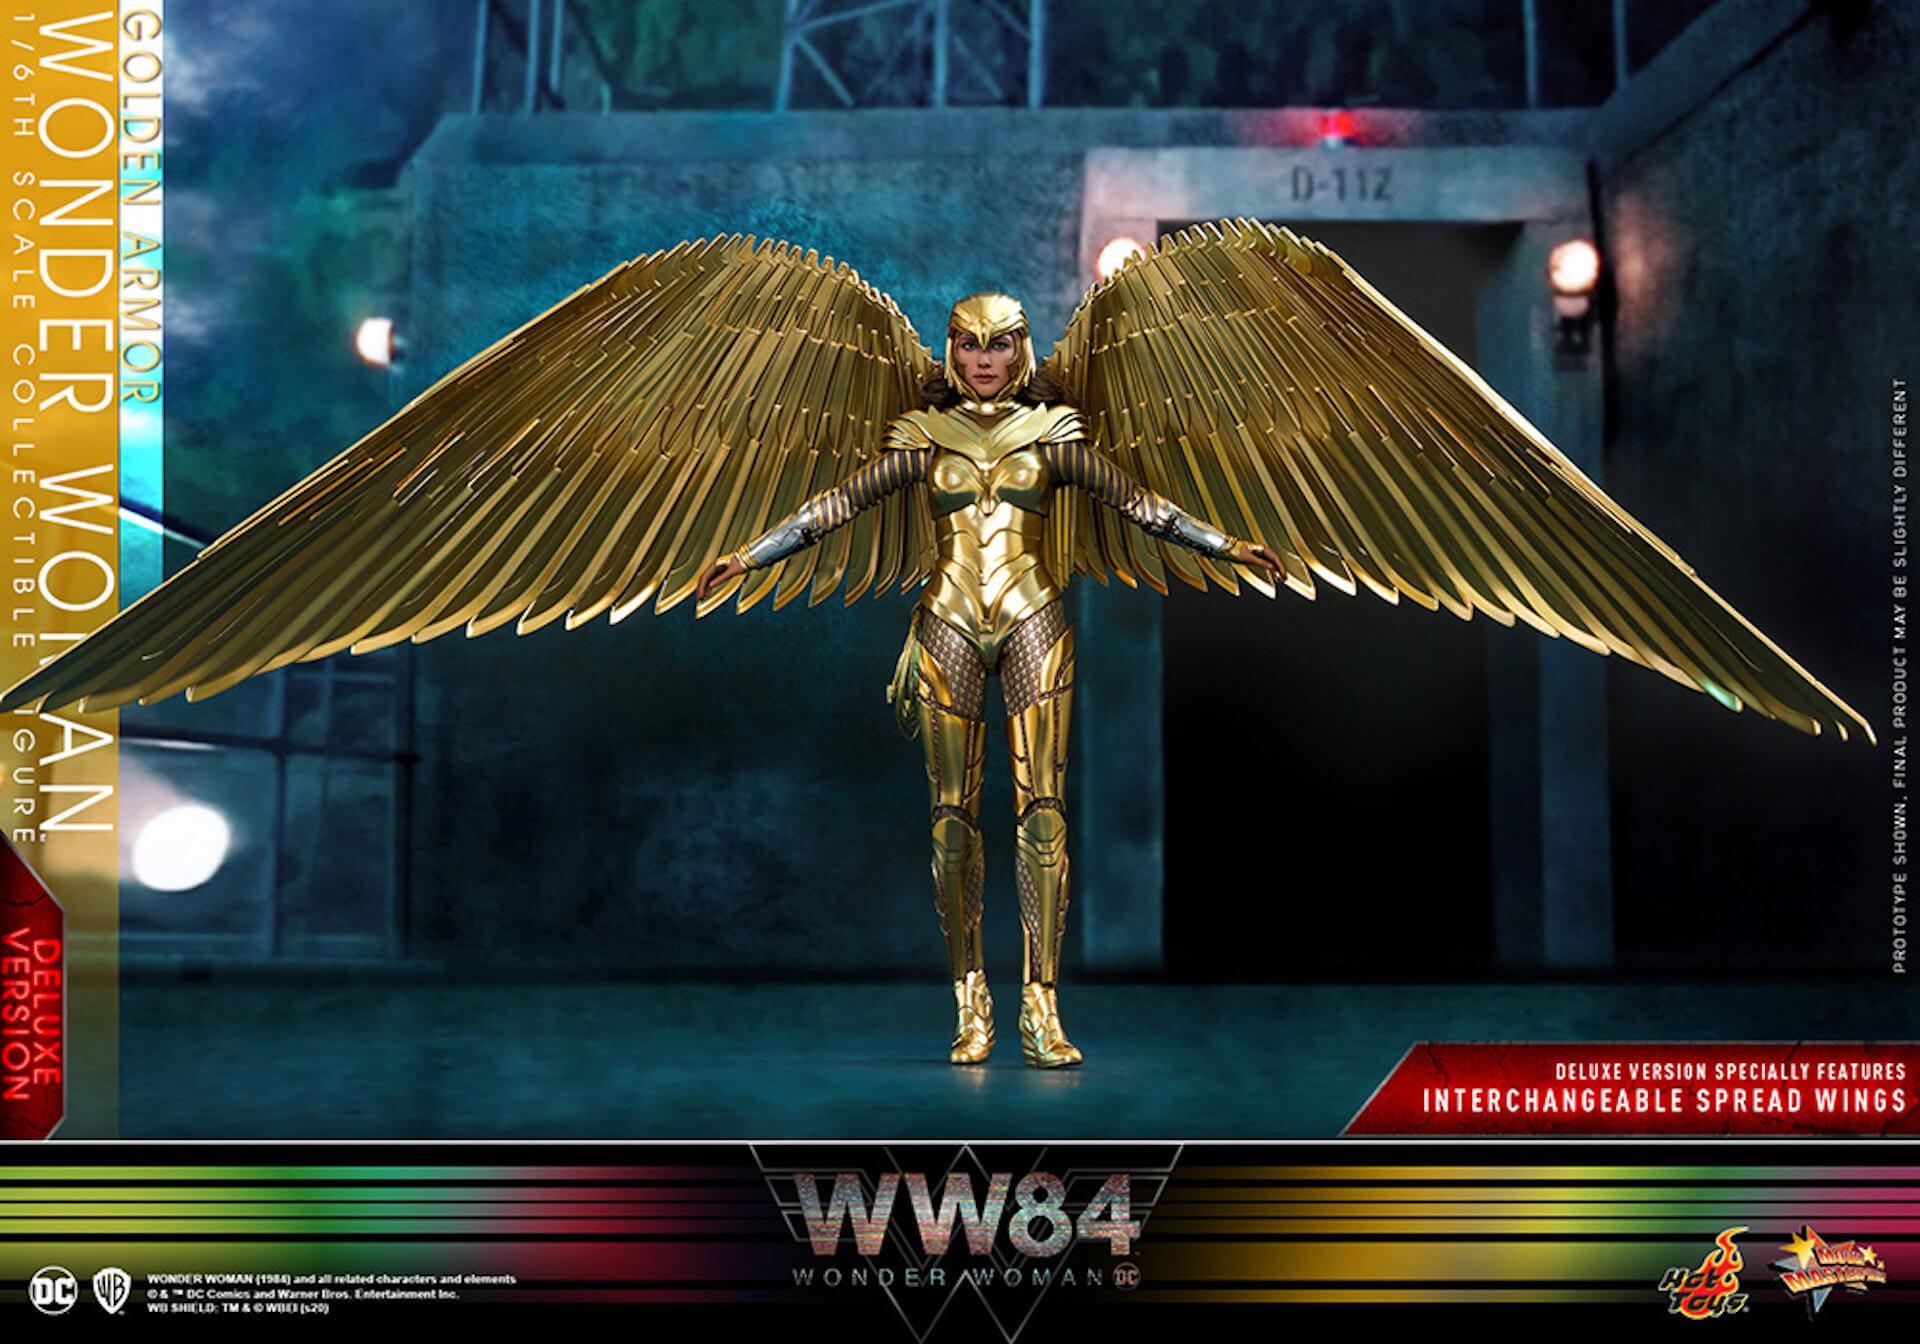 最新作『ワンダーウーマン 1984』からゴールドアーマー装着のワンダーウーマンフィギュアがホットトイズで登場! art200528_ww_hottoys_4